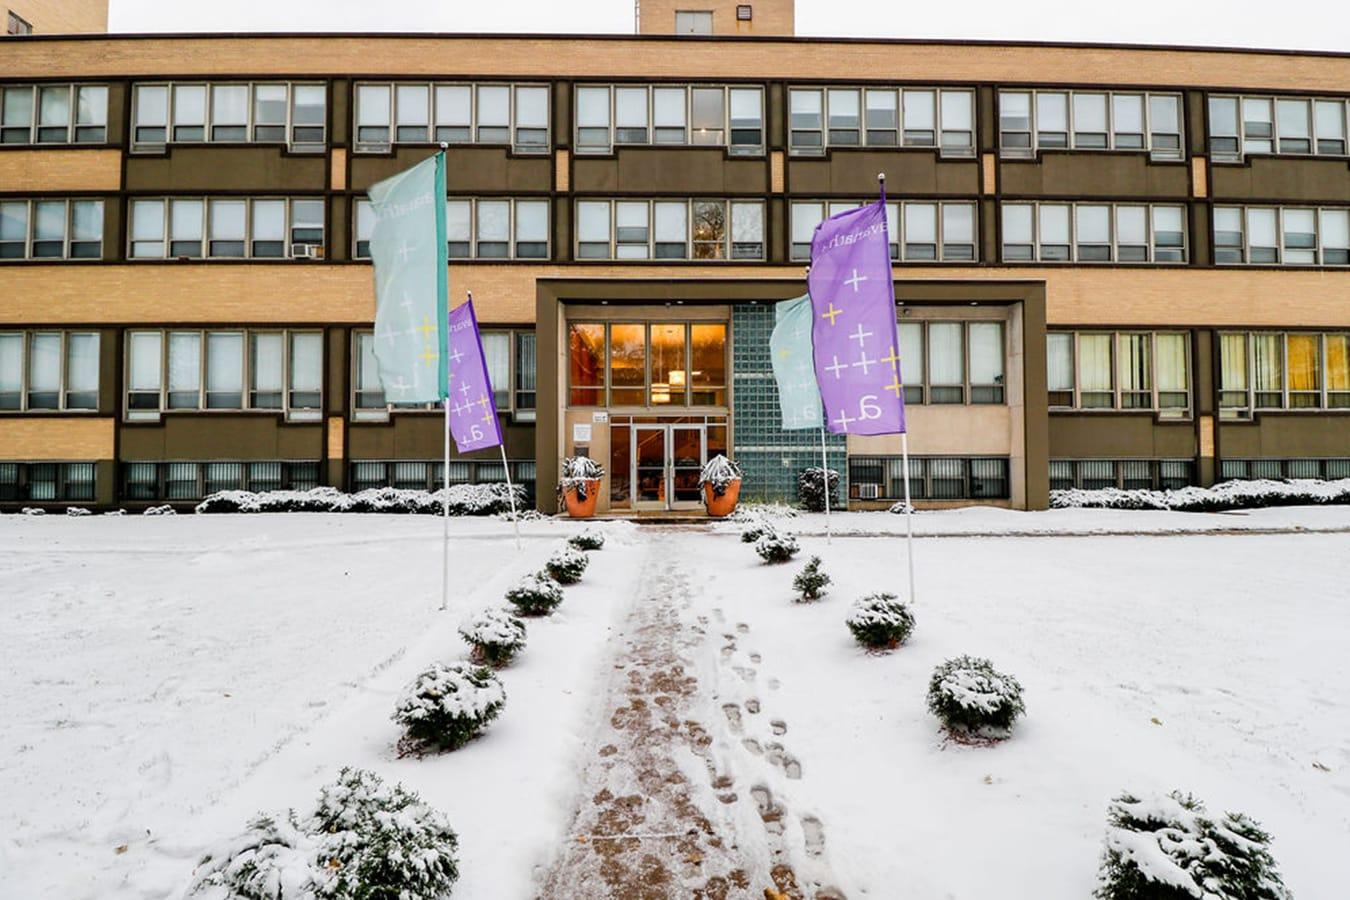 Academy at Drexel 2A